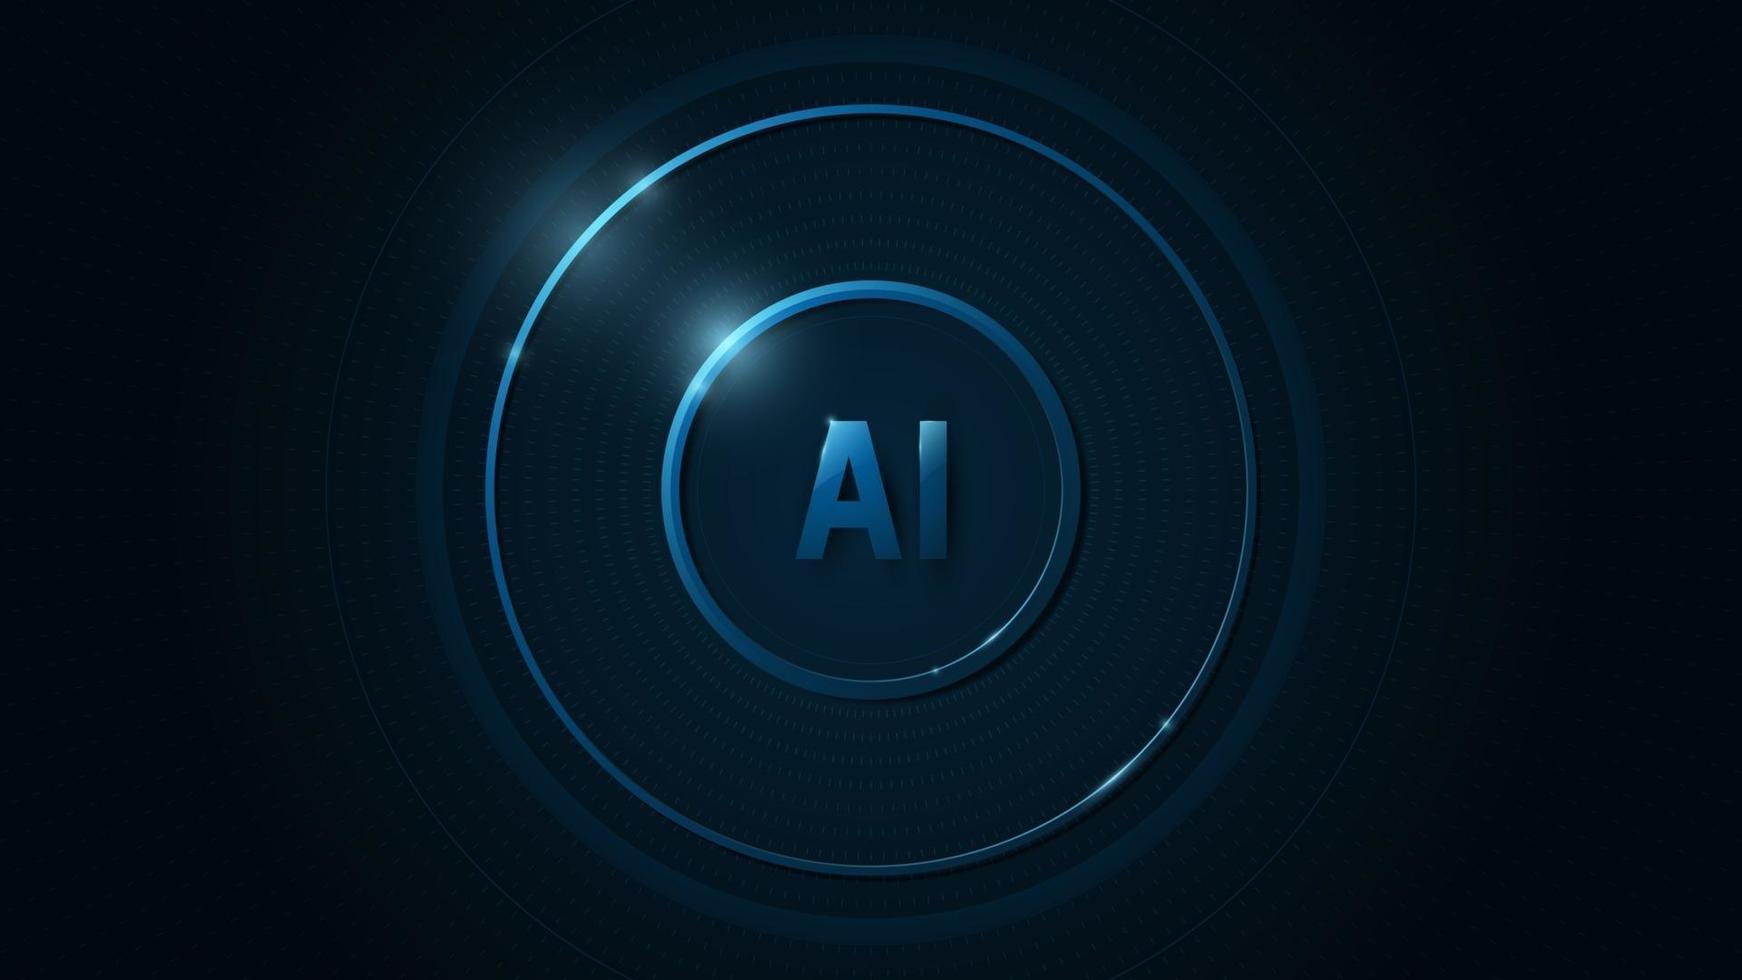 sistema operativo ai su sfondo blu scuro. vettore